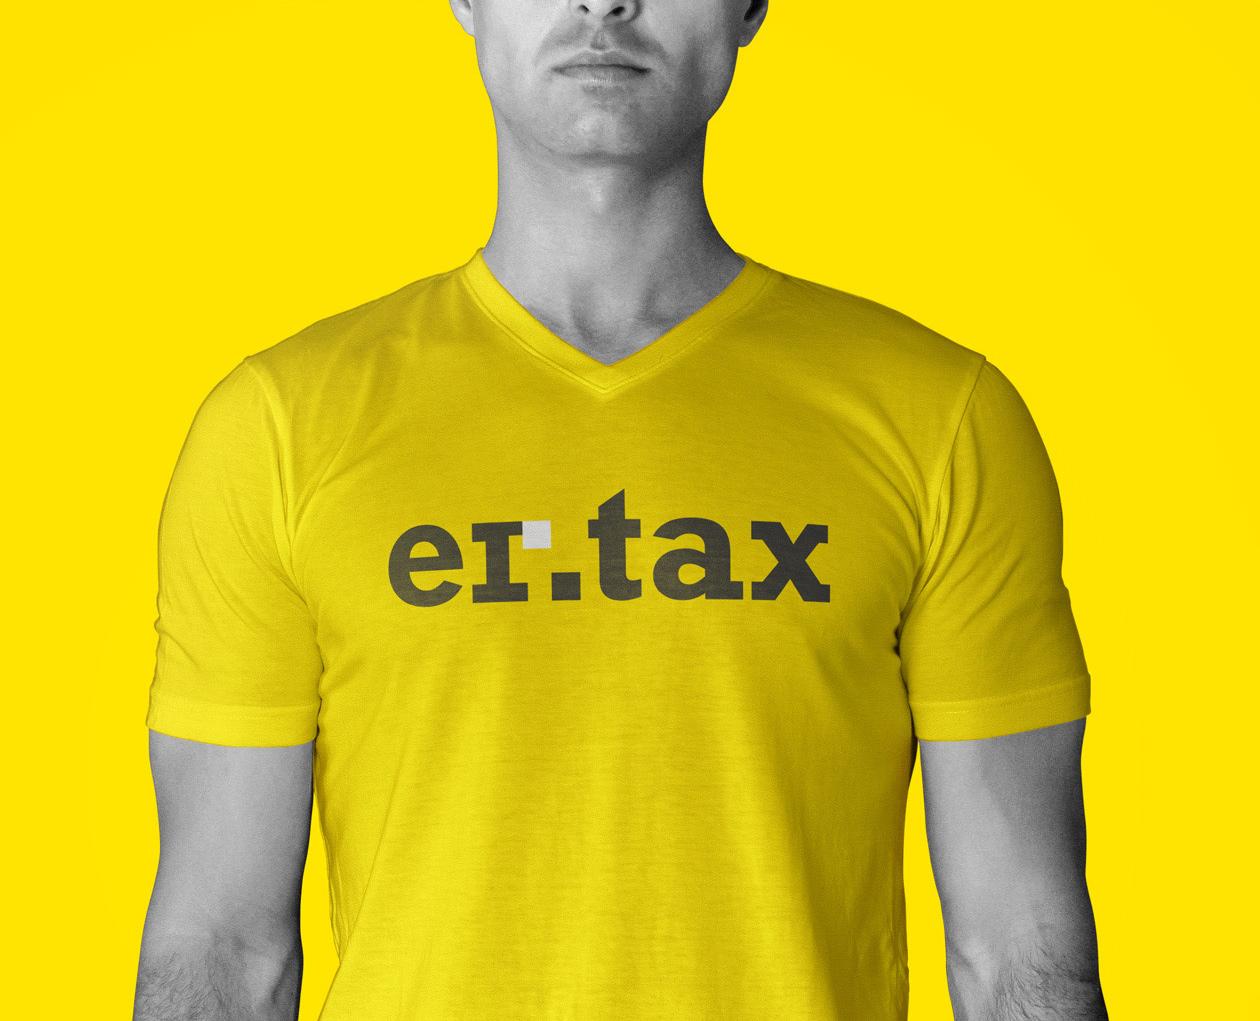 logo branding er tax 11